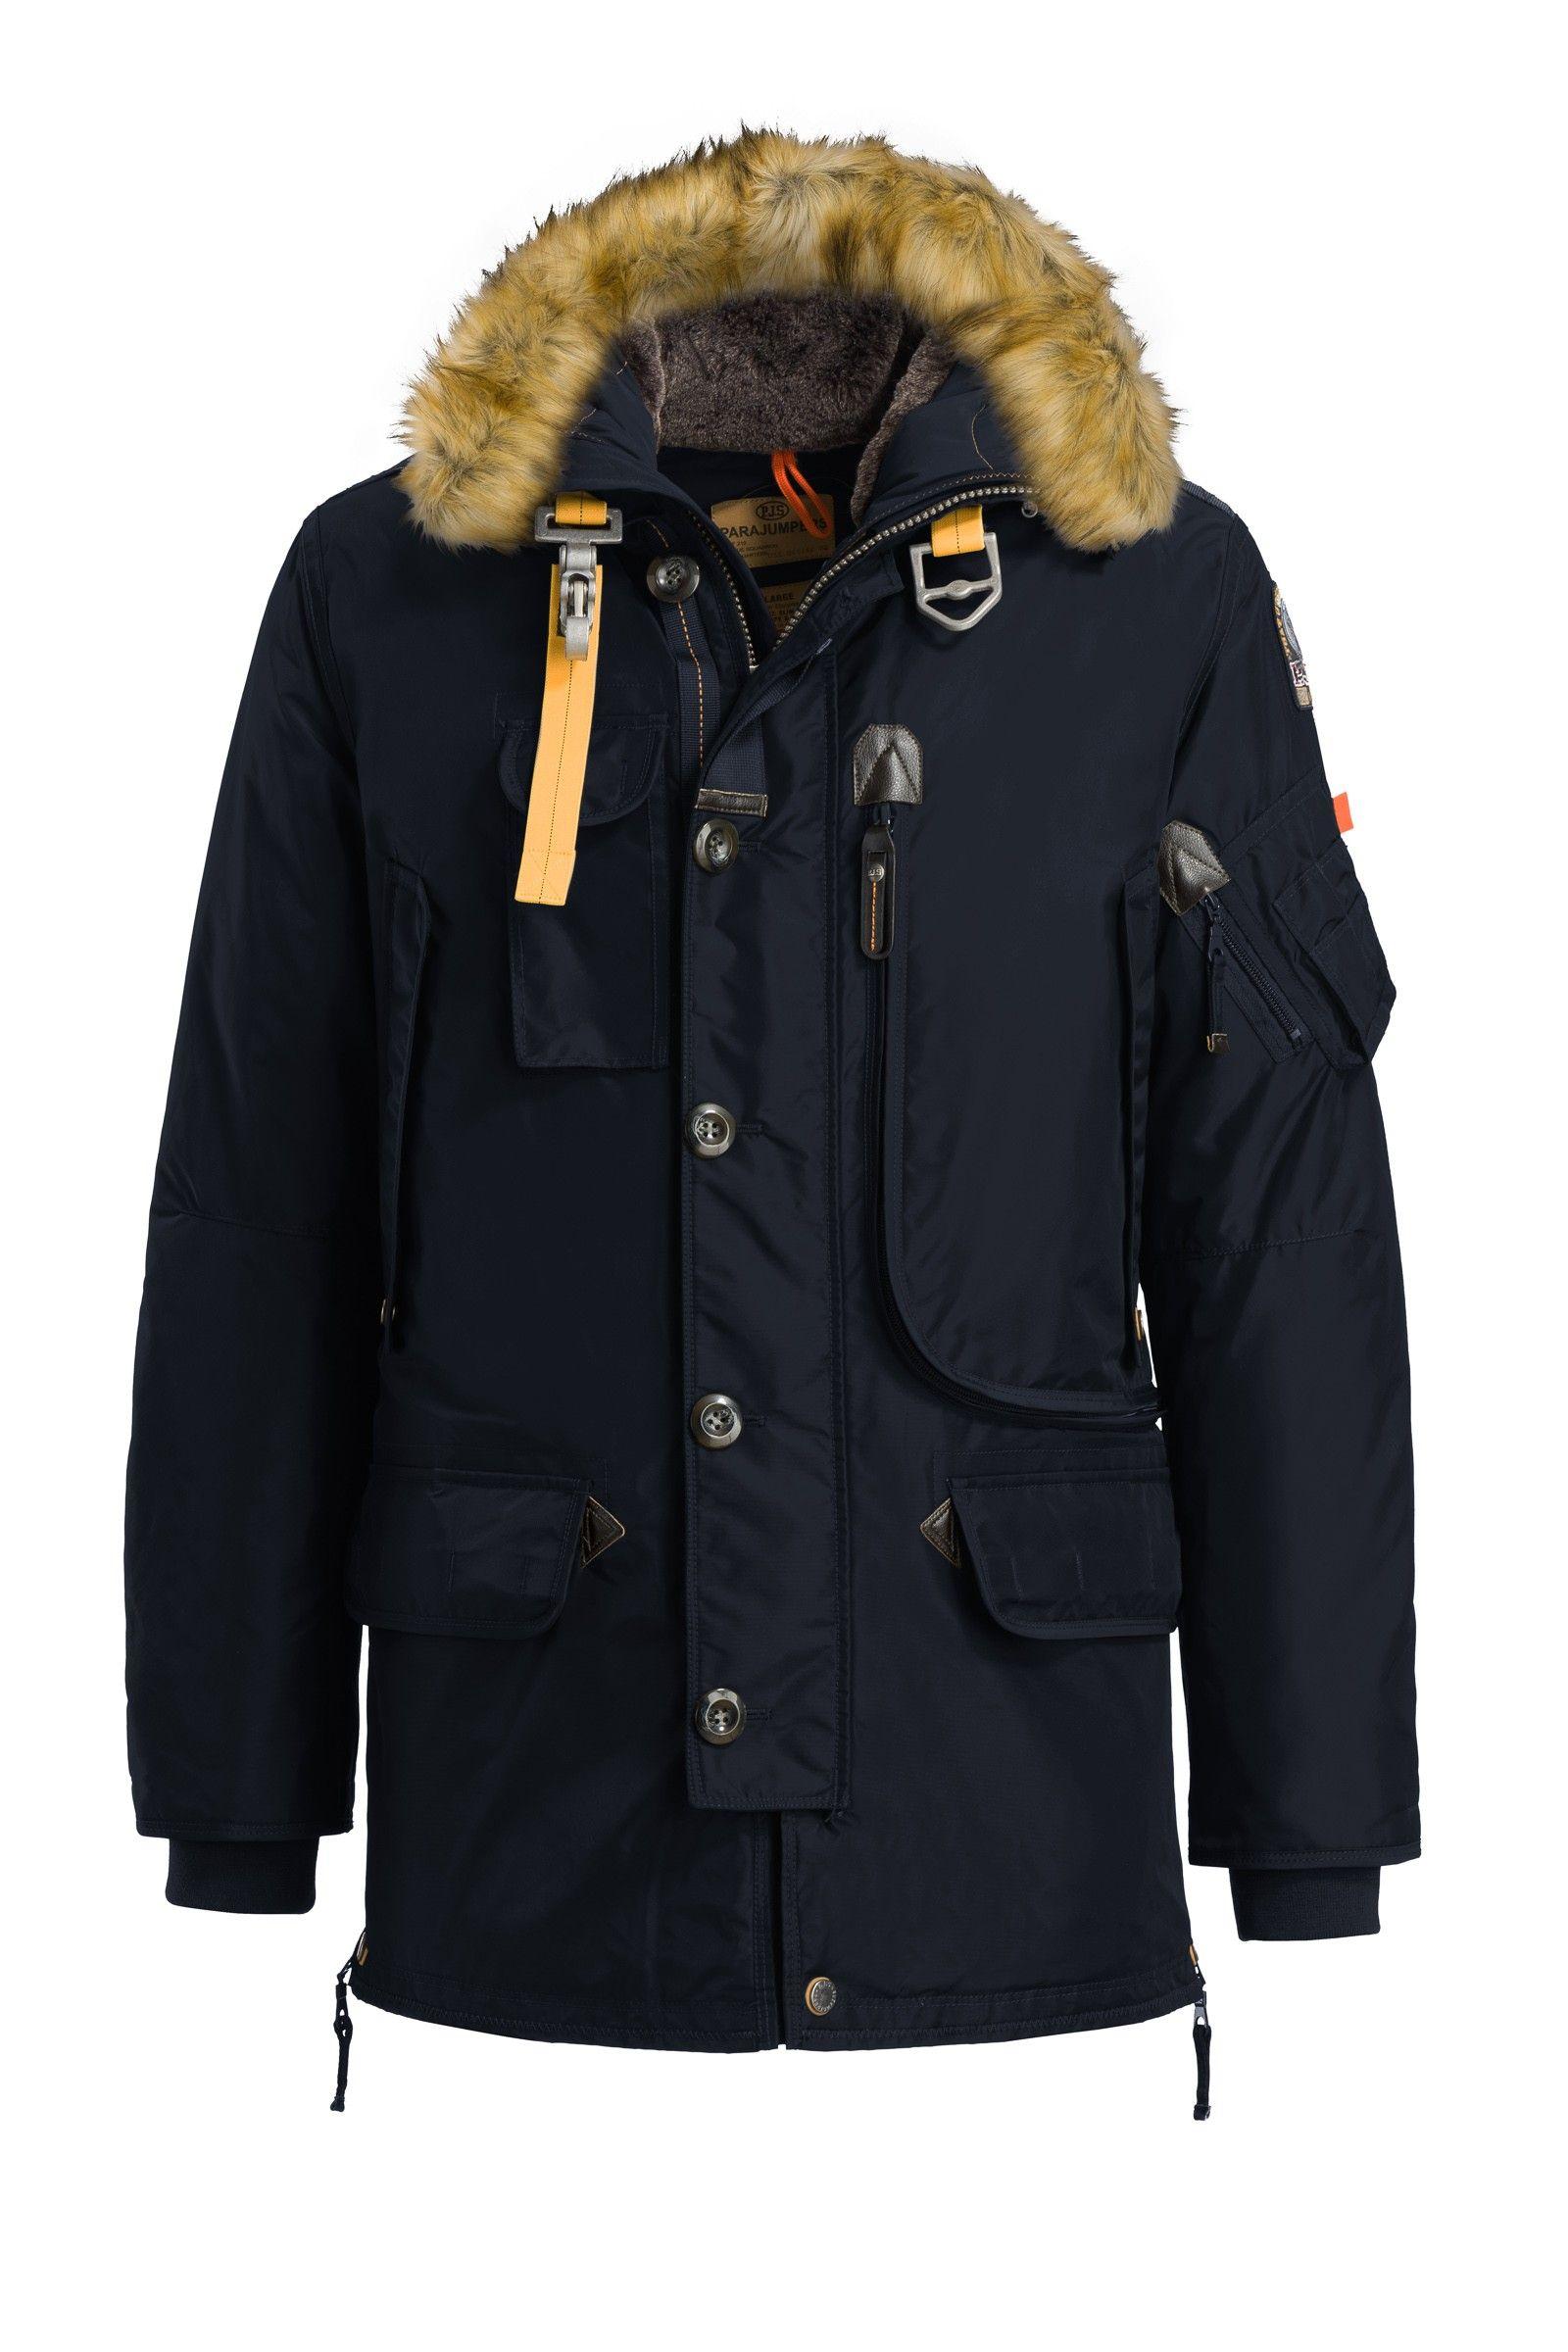 KODIAK ECO Herre jakker, Herre parka, Herre parka jakke  Mens jackets, Mens parka, Mens parka jacket